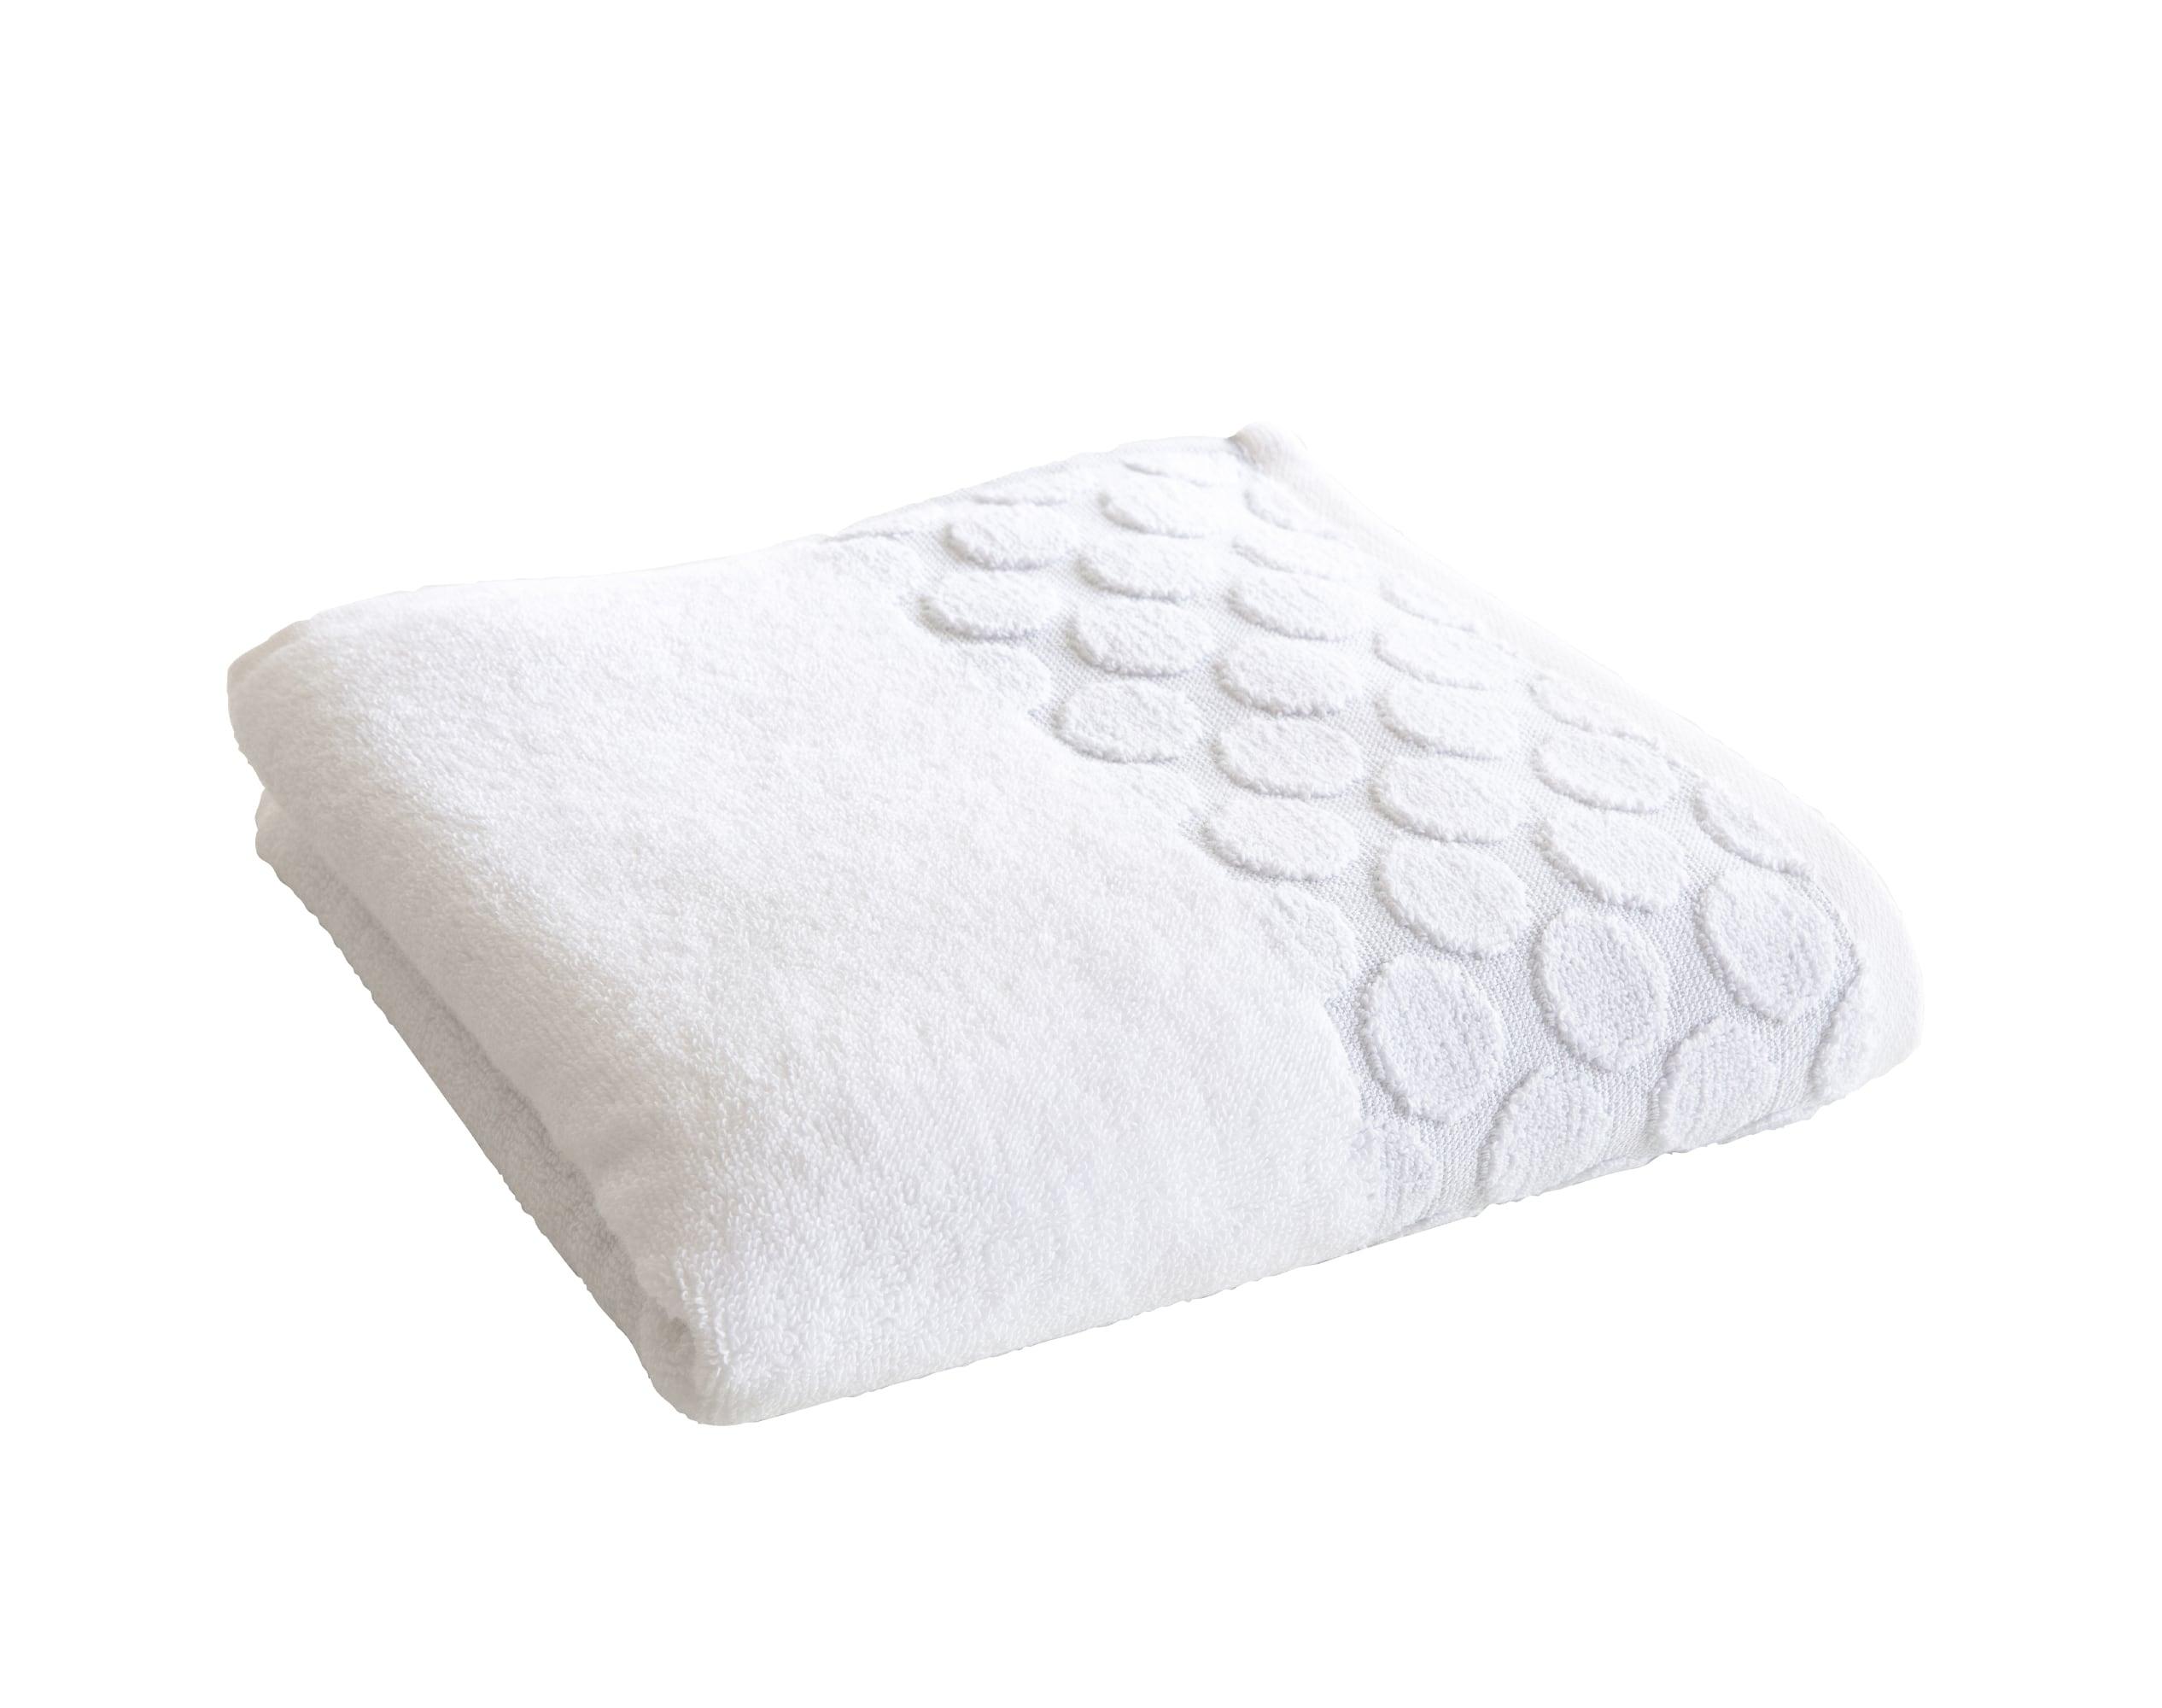 Drap de bain blanc 70x140 en coton